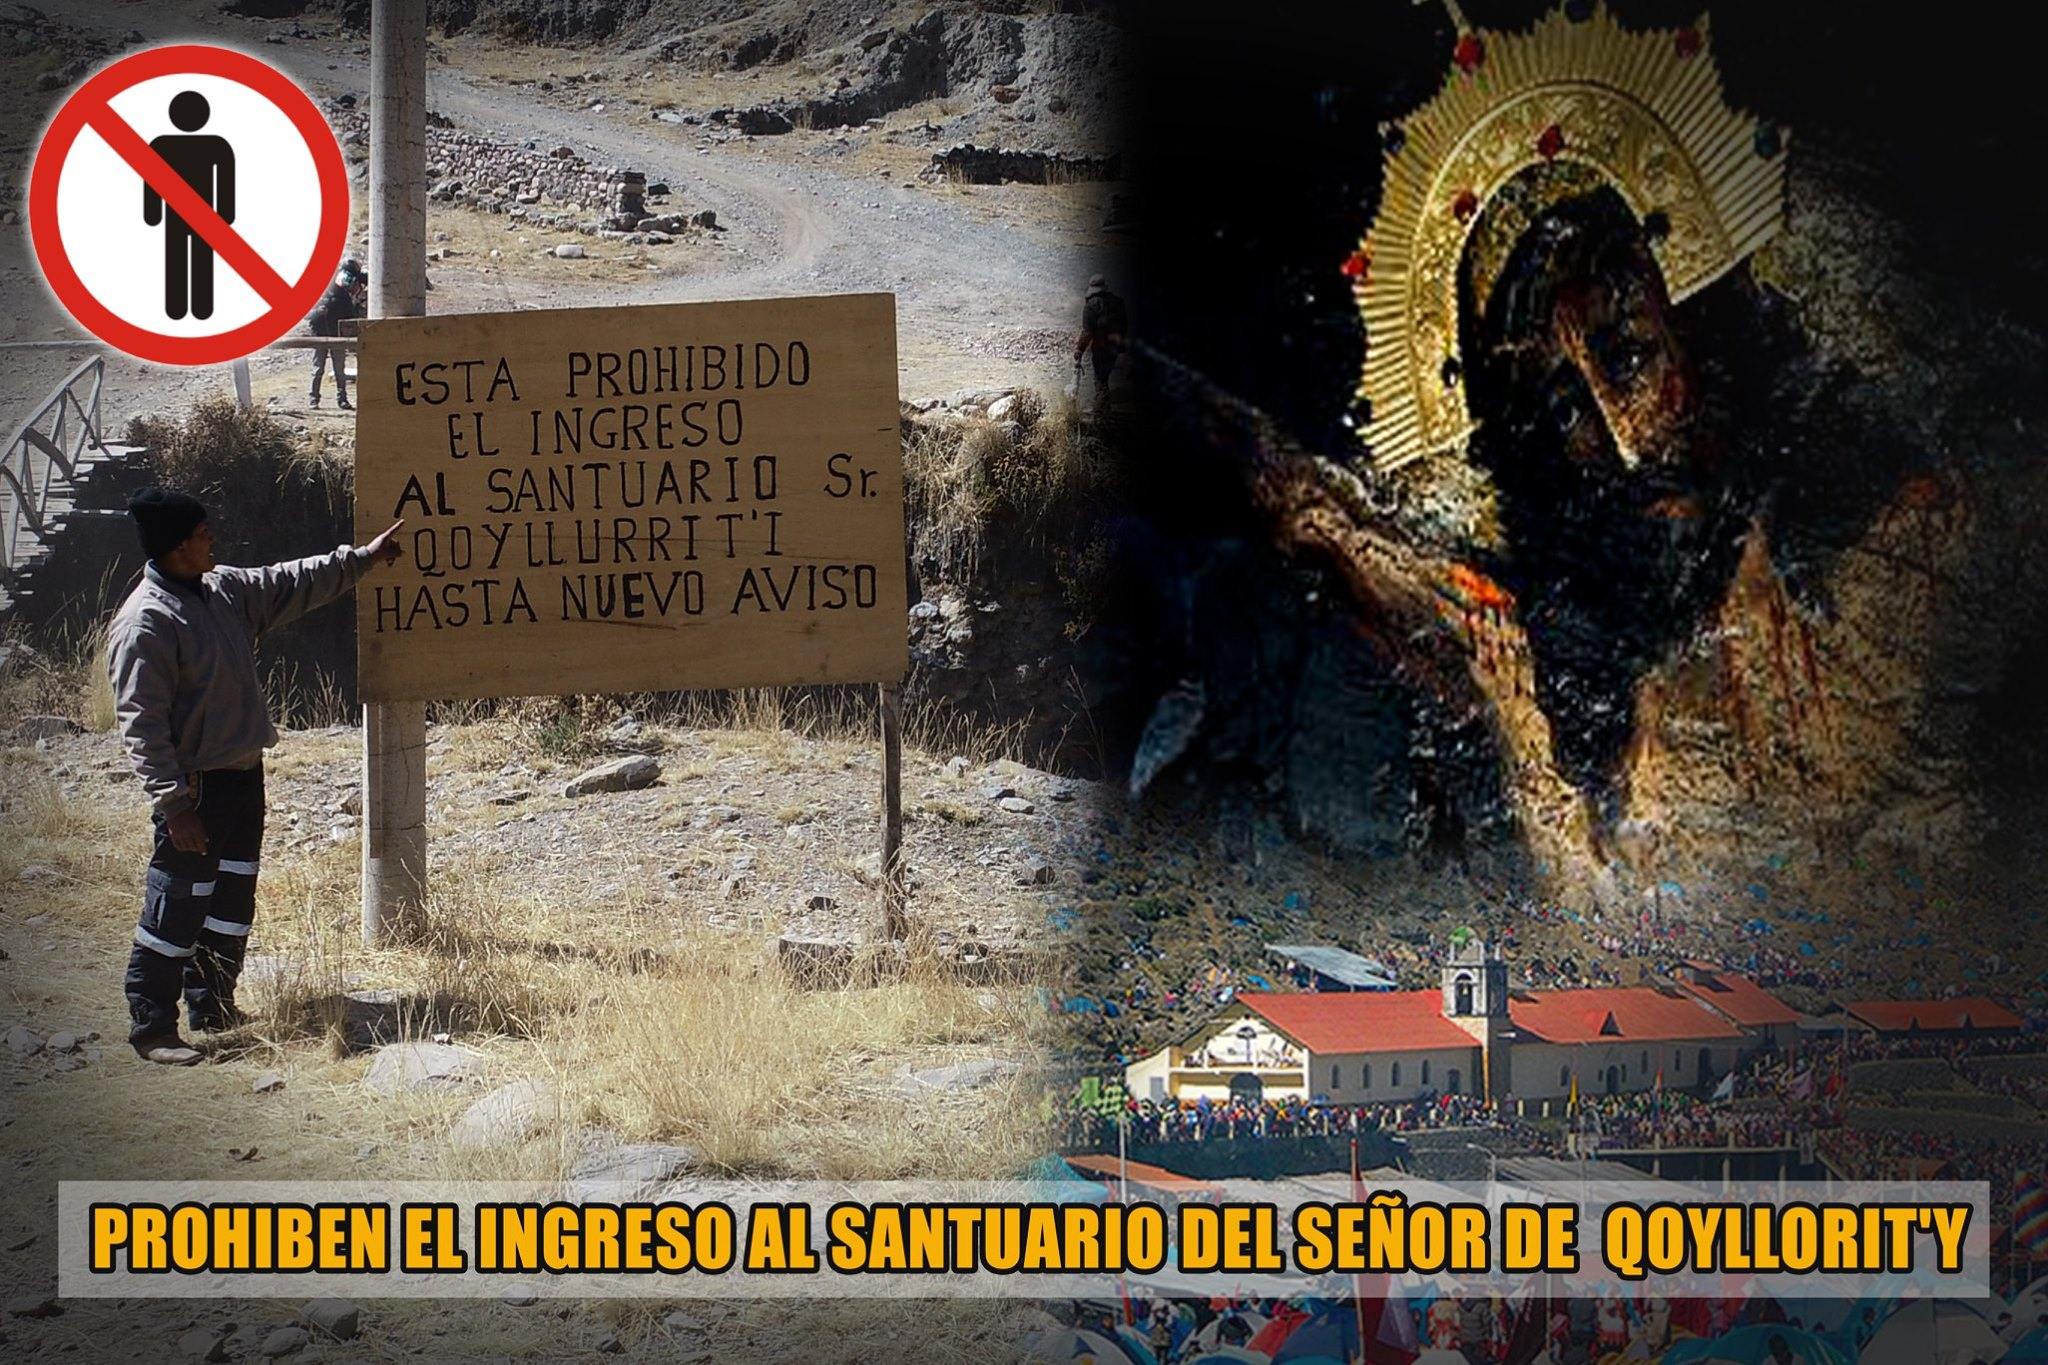 OCONGATE: PROHIBEN EL INGRESO A SANTUARIO DEL SEÑOR DE QOYLLORIT'I POR PREVENCIÓN.